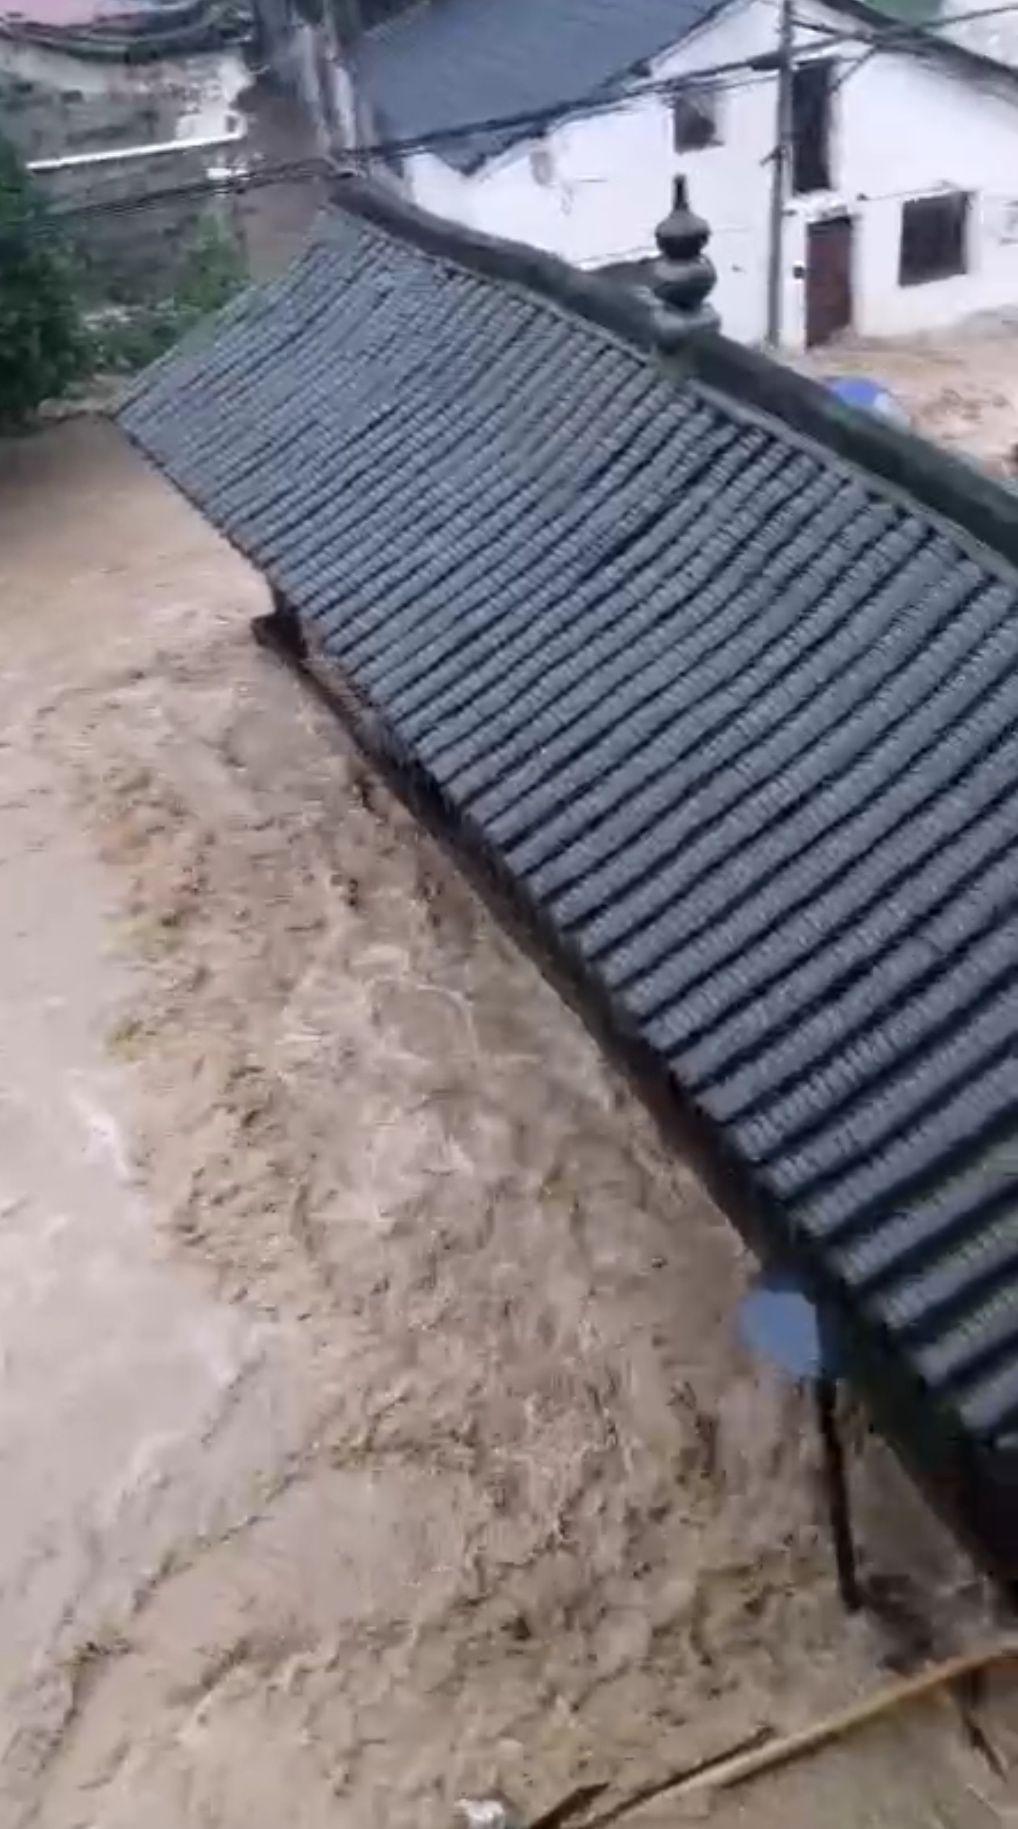 浙江永康棠溪古村发生山洪 村民在村委会高层房屋避险